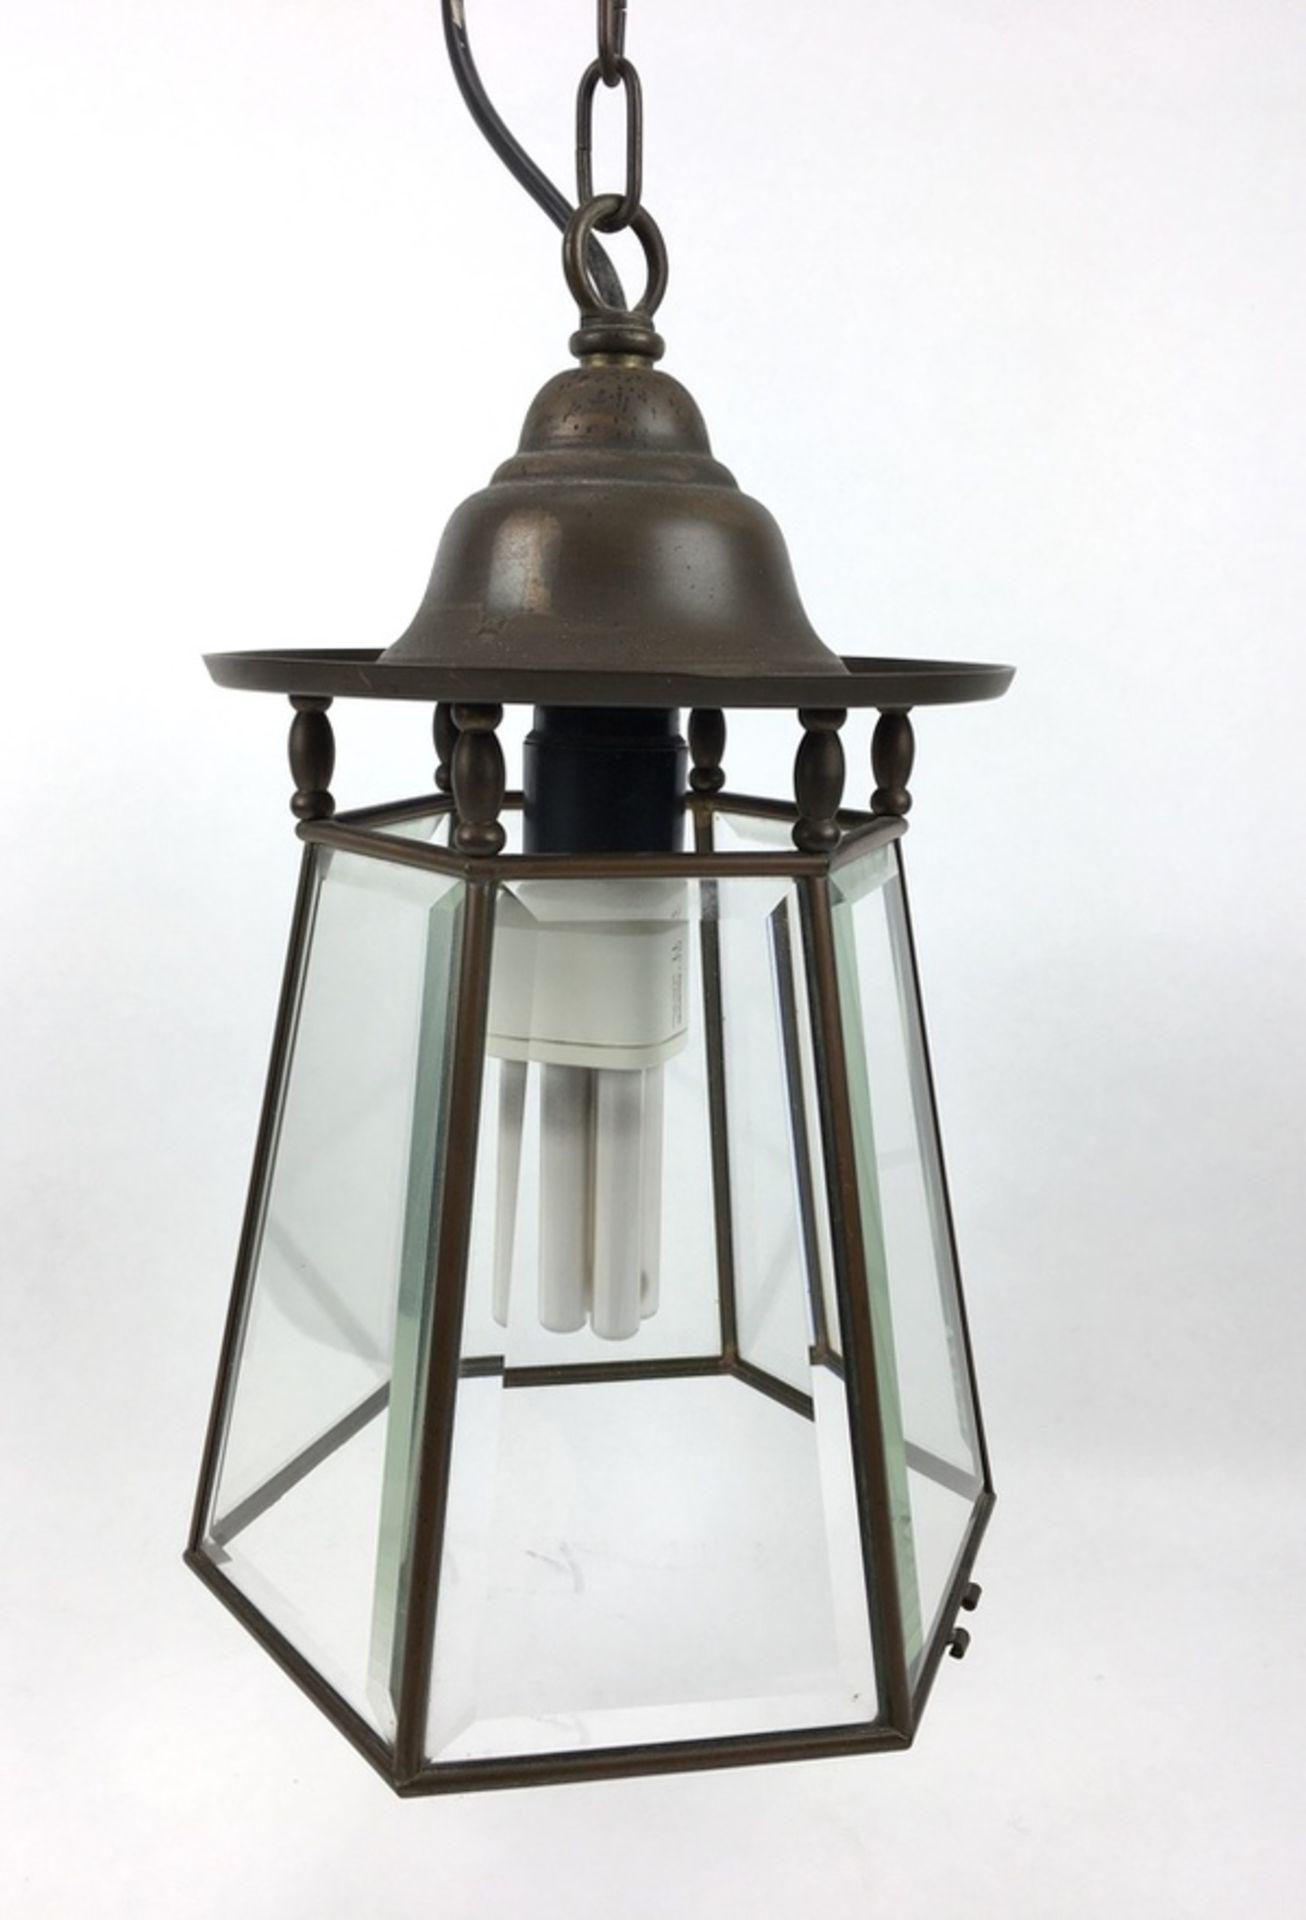 (Curiosa) HanglampZeskantige koper met geslepen glas hanglamp. Eerste helft 20e eeuw. Conditie: - Image 3 of 4